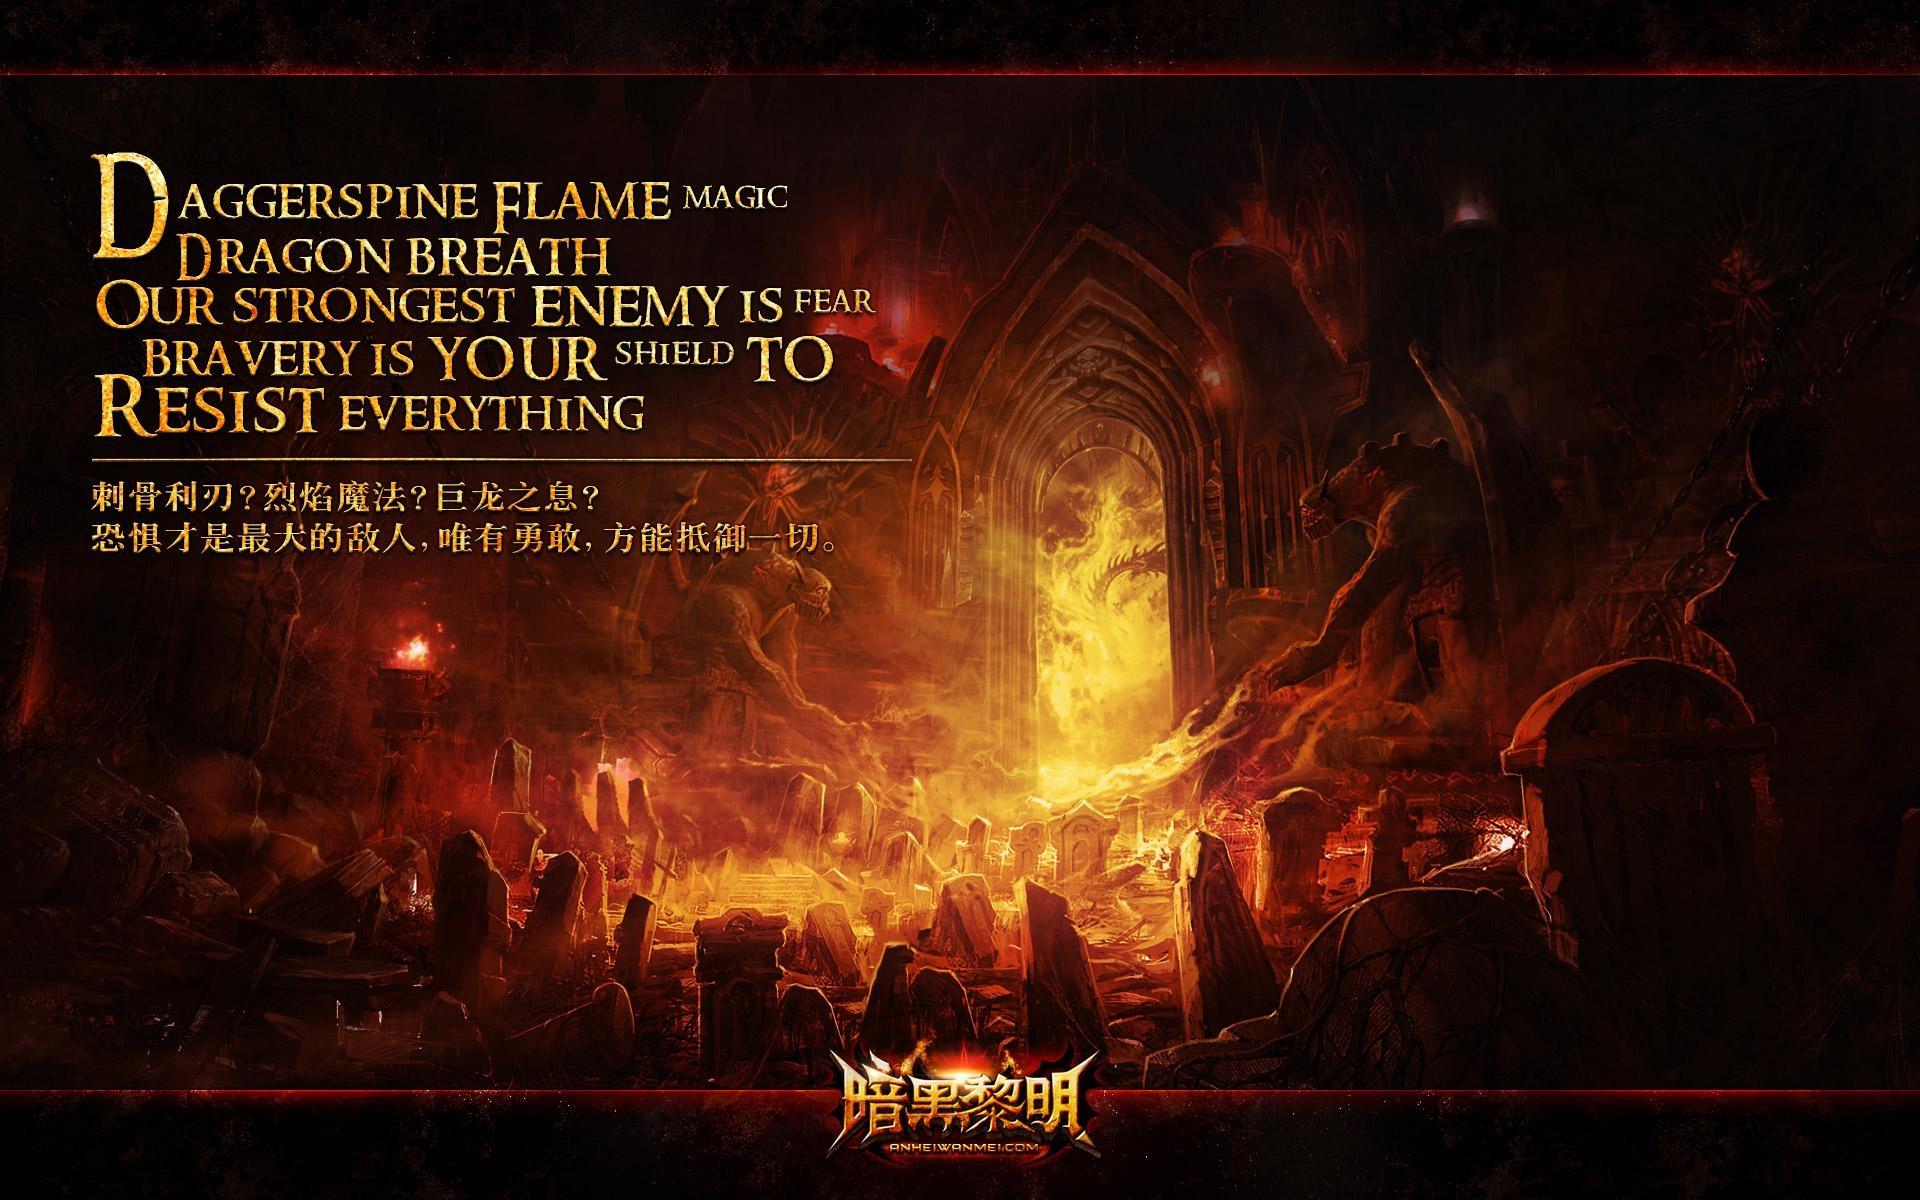 铁甲战神成长之路 《暗黑黎明》战士形象全览